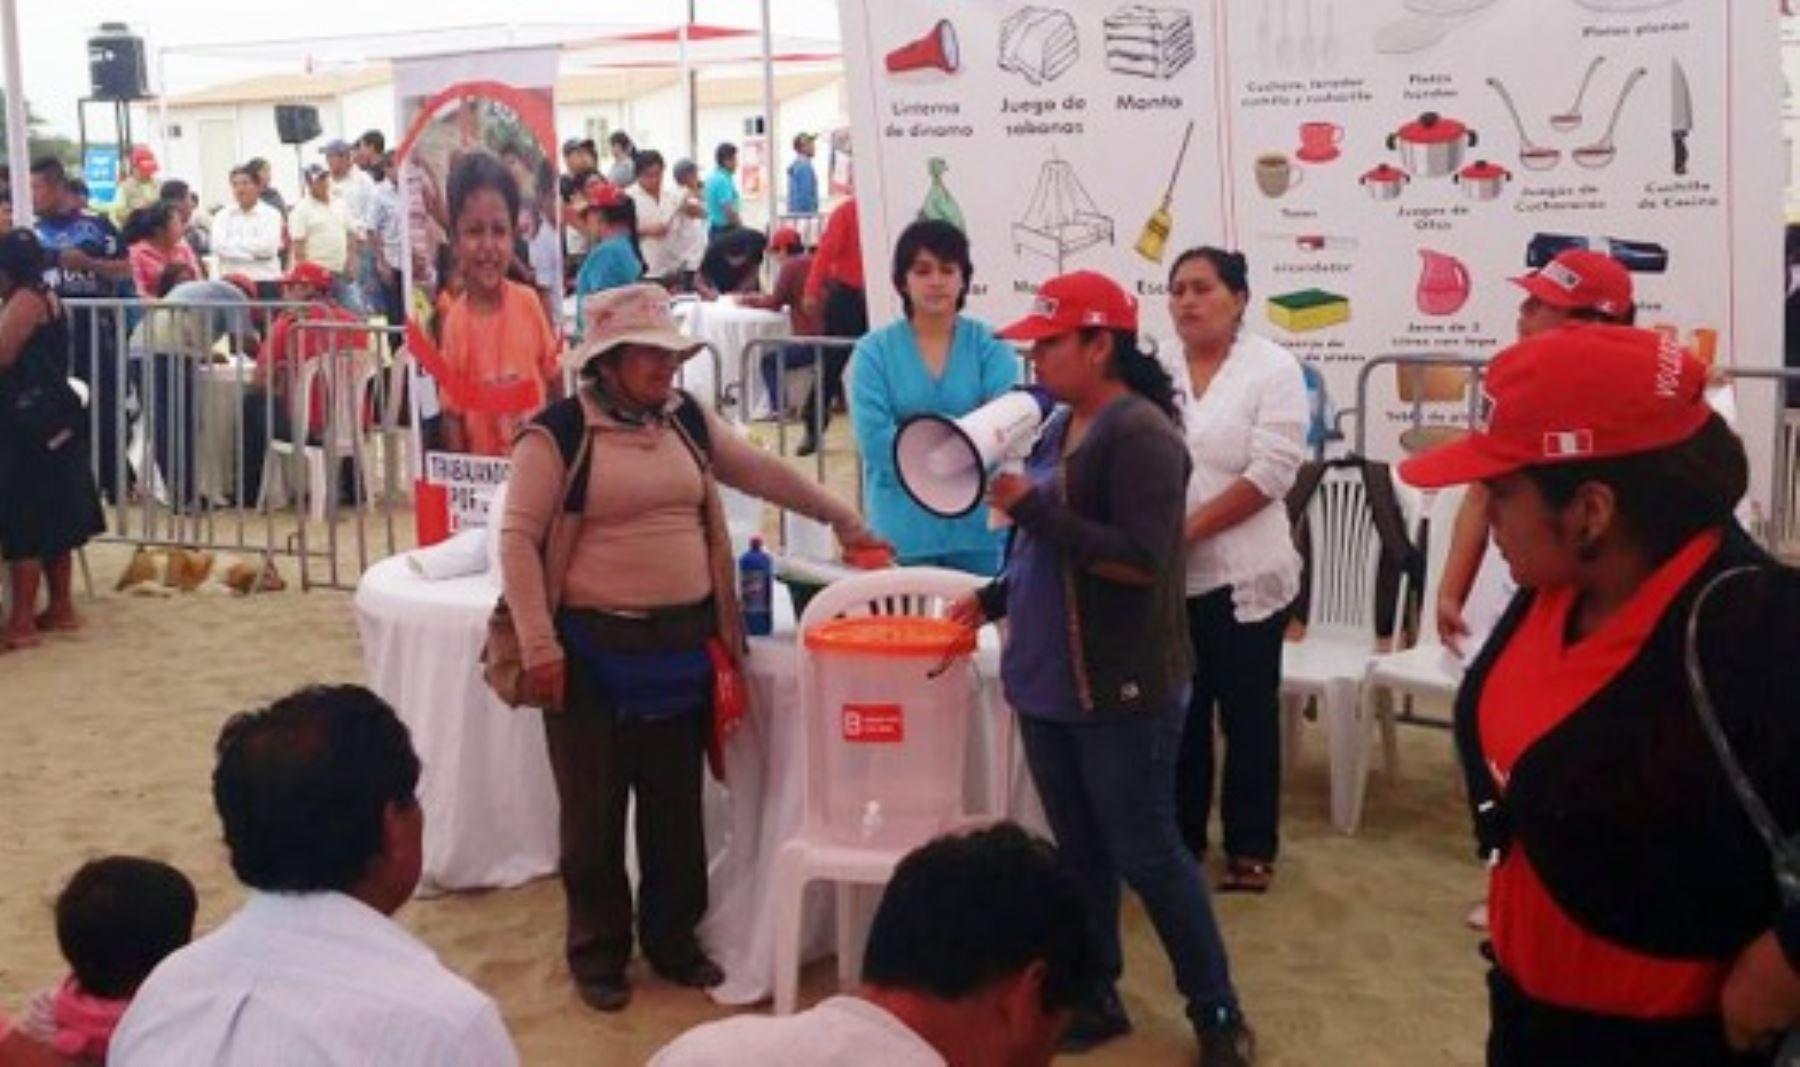 La jornada se matizó con sesiones lúdicas y  demostrativas de lavado de manos, alimentación saludable y control de peso, talla y hemoglobina a los menores de 5 años, entre otras actividades.